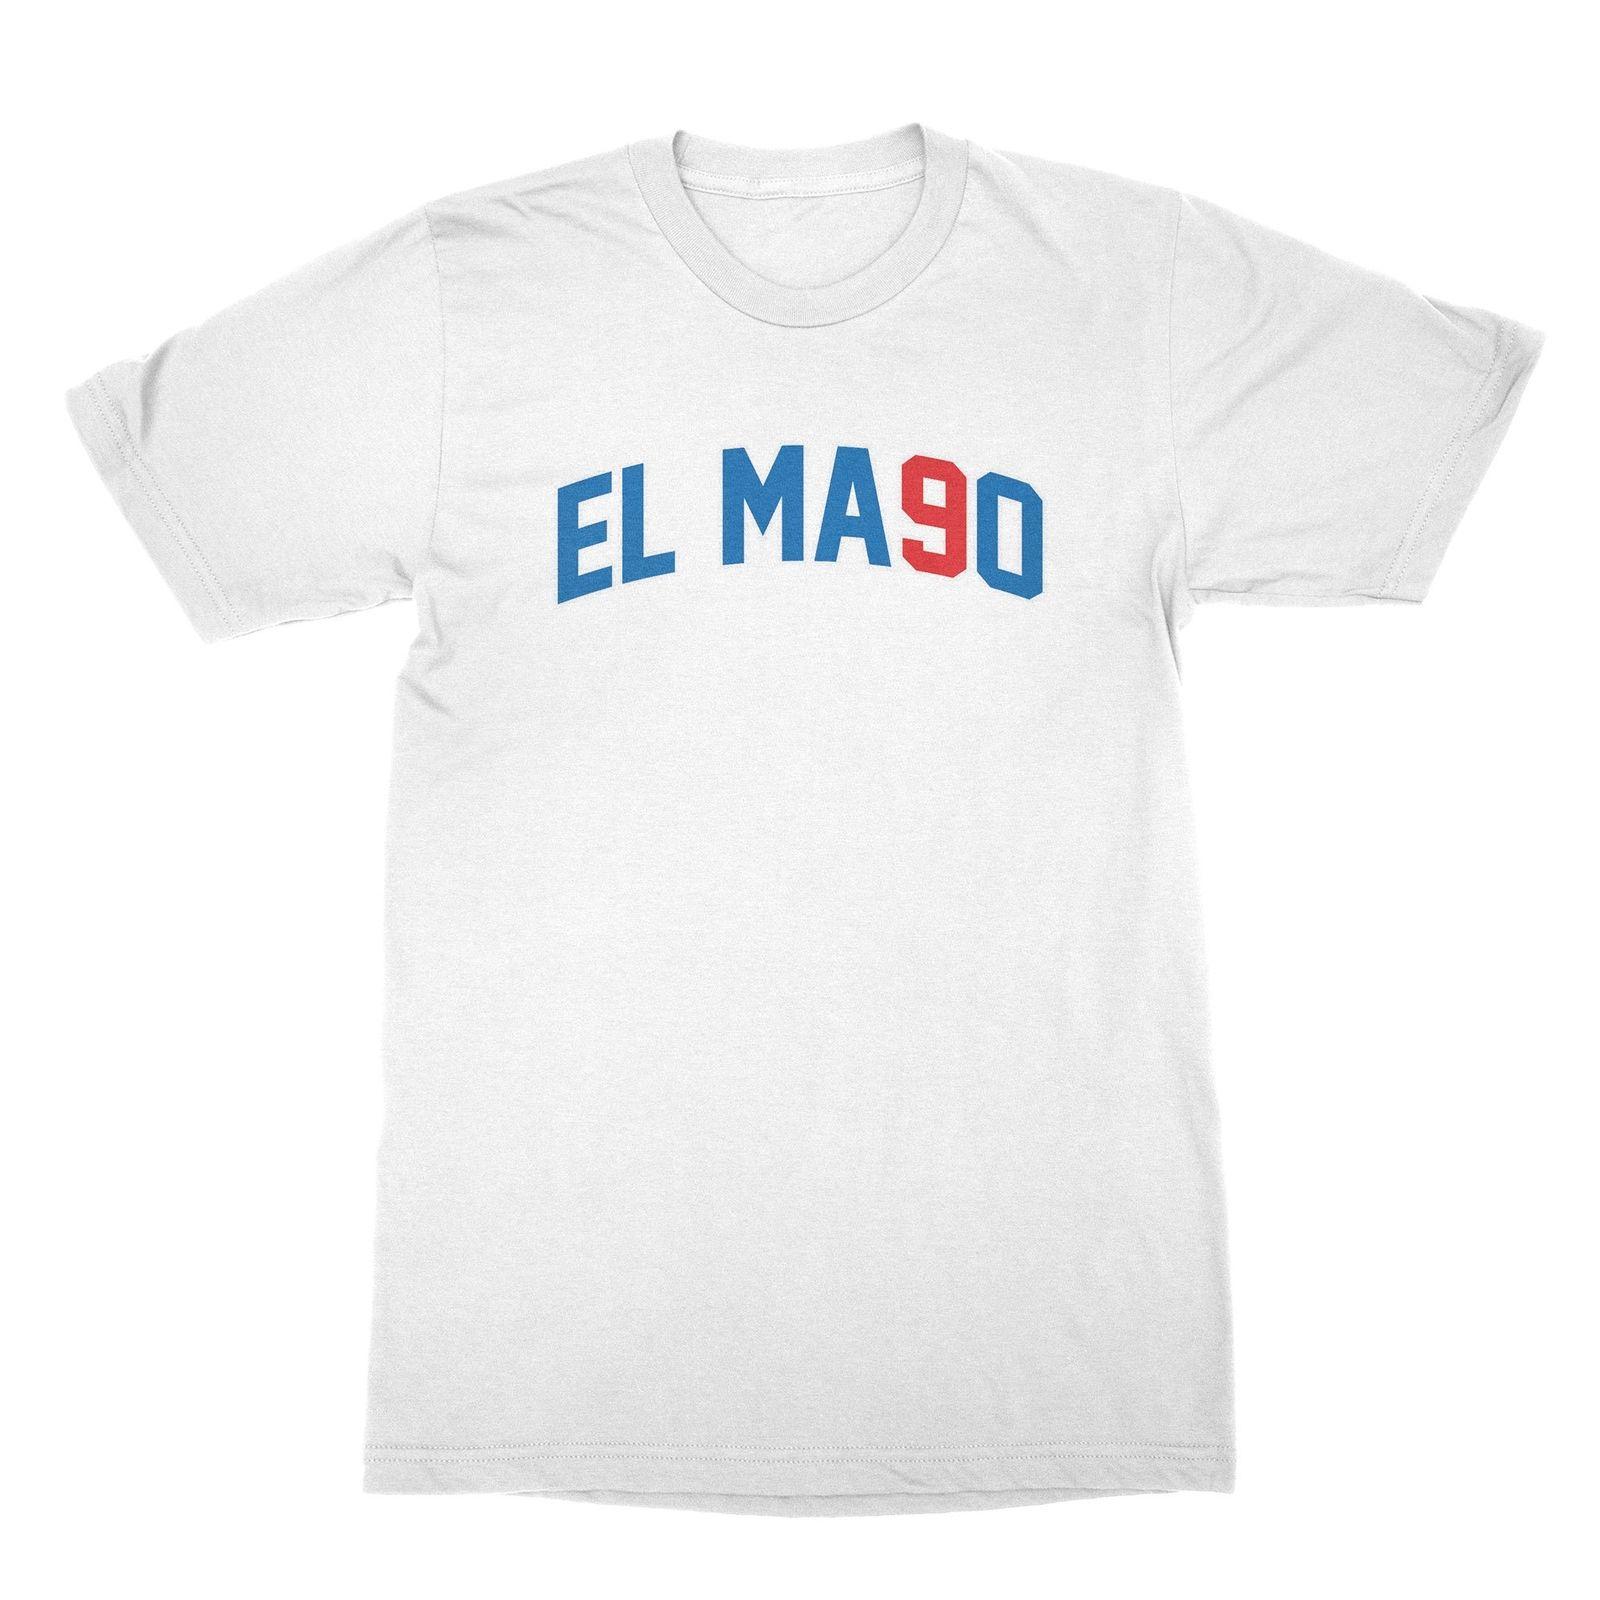 cozy fresh f4265 5ace9 El Mago Shirt Cubs Javier Javy Baez El Mago T Shirt Free ...